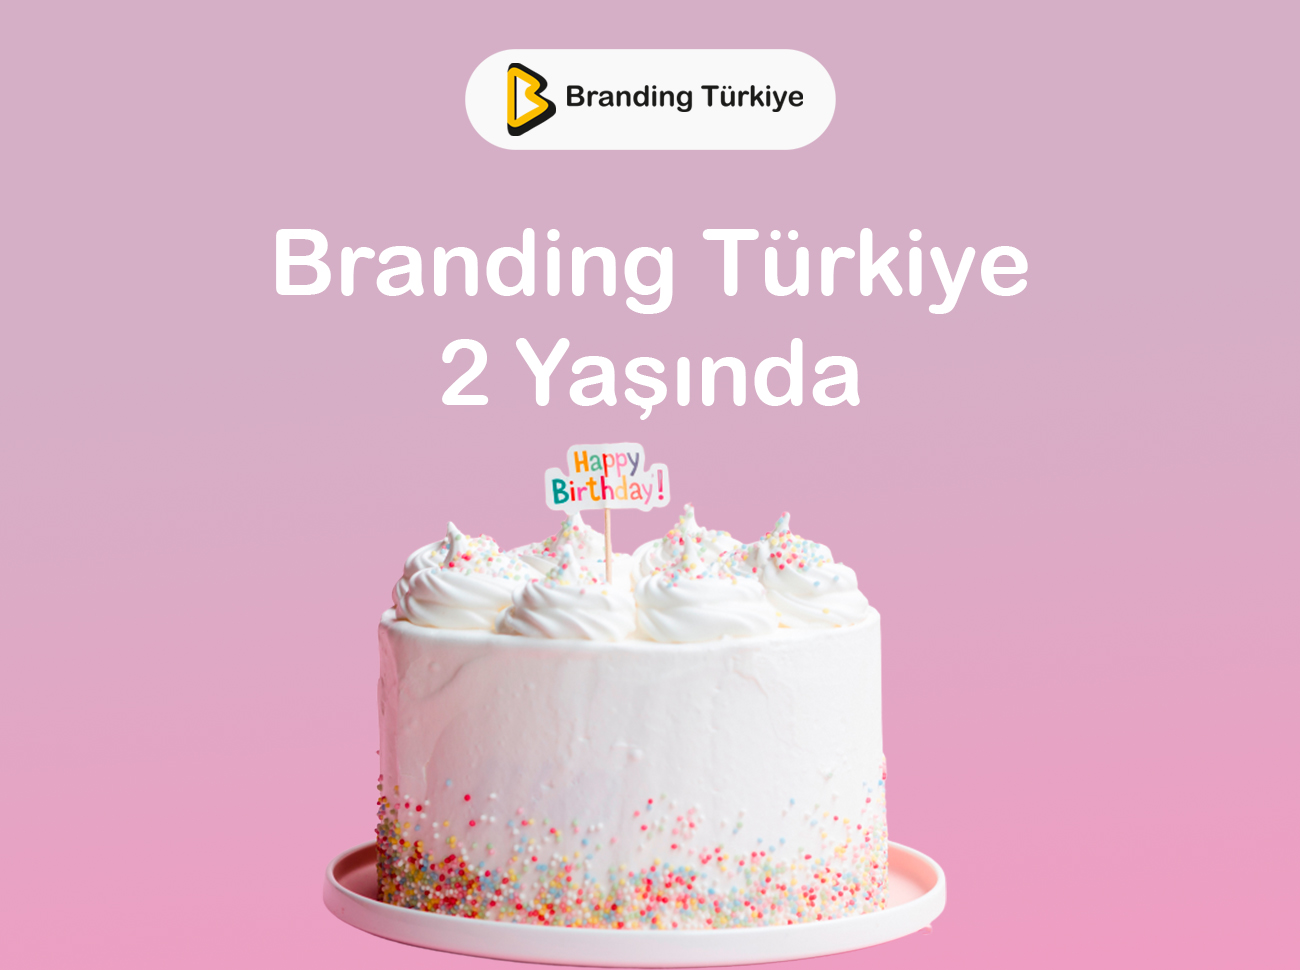 Branding Türkiye 2 Yaşında